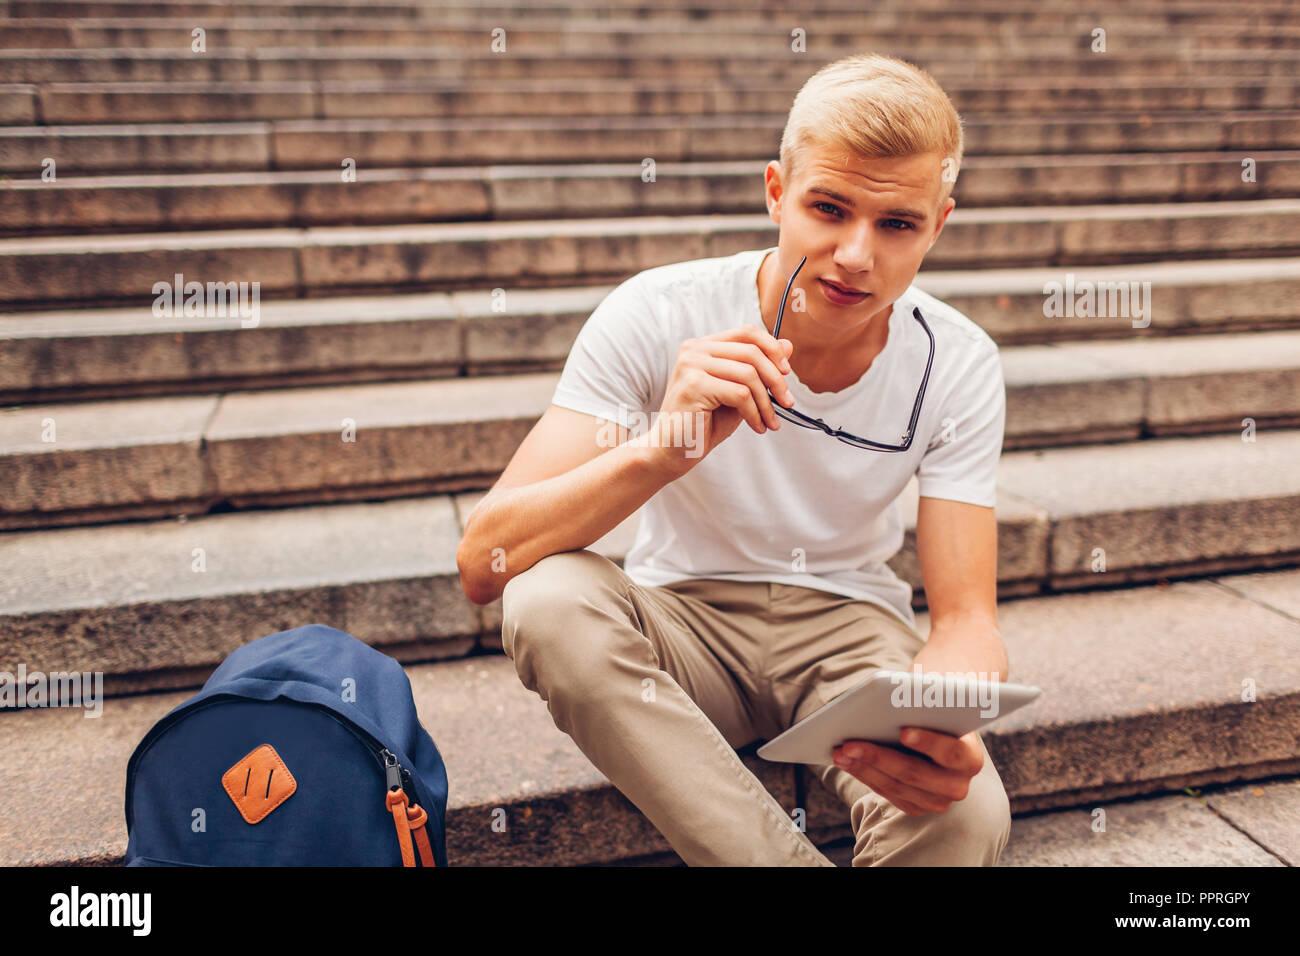 College student avec sac à dos à l'aide de tablet assis sur des escaliers et holding glasses. Guy l'étude de l'extérieur. Concept de l'éducation Photo Stock